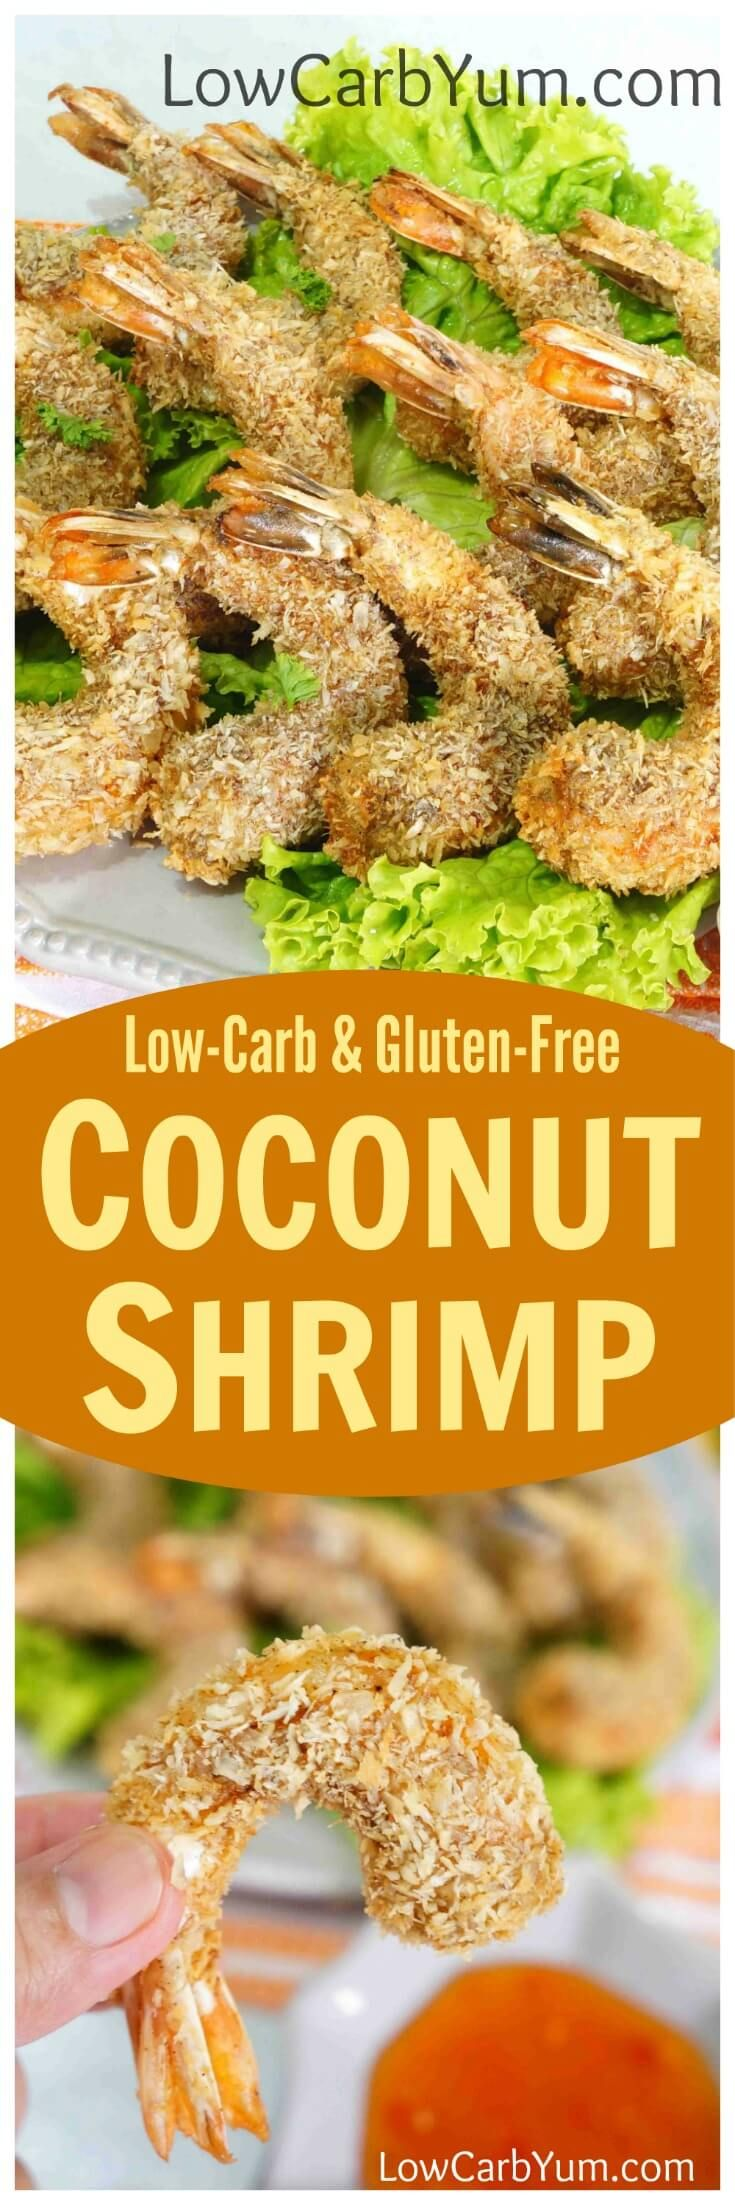 싱 싱 노련한 코팅 맛있는 저탄수화물과 글루텐 무료 코코넛 새우 요리법.  그것은 어떤 파티 또는 게임 날을위한 완벽한 전채입니다!